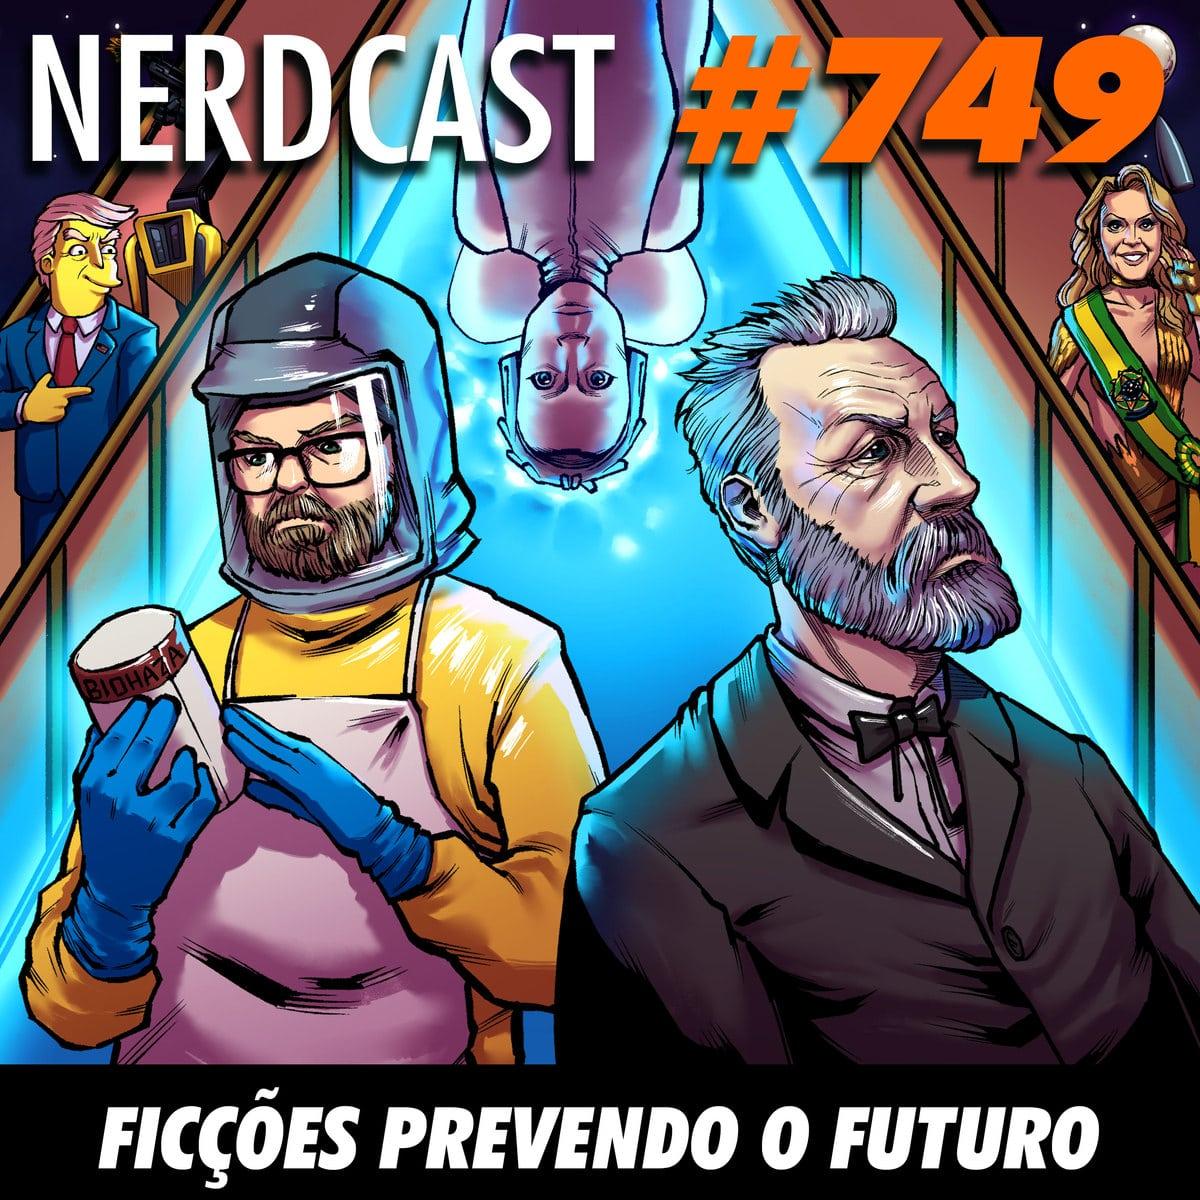 NerdCast 749 - Ficções prevendo o futuro